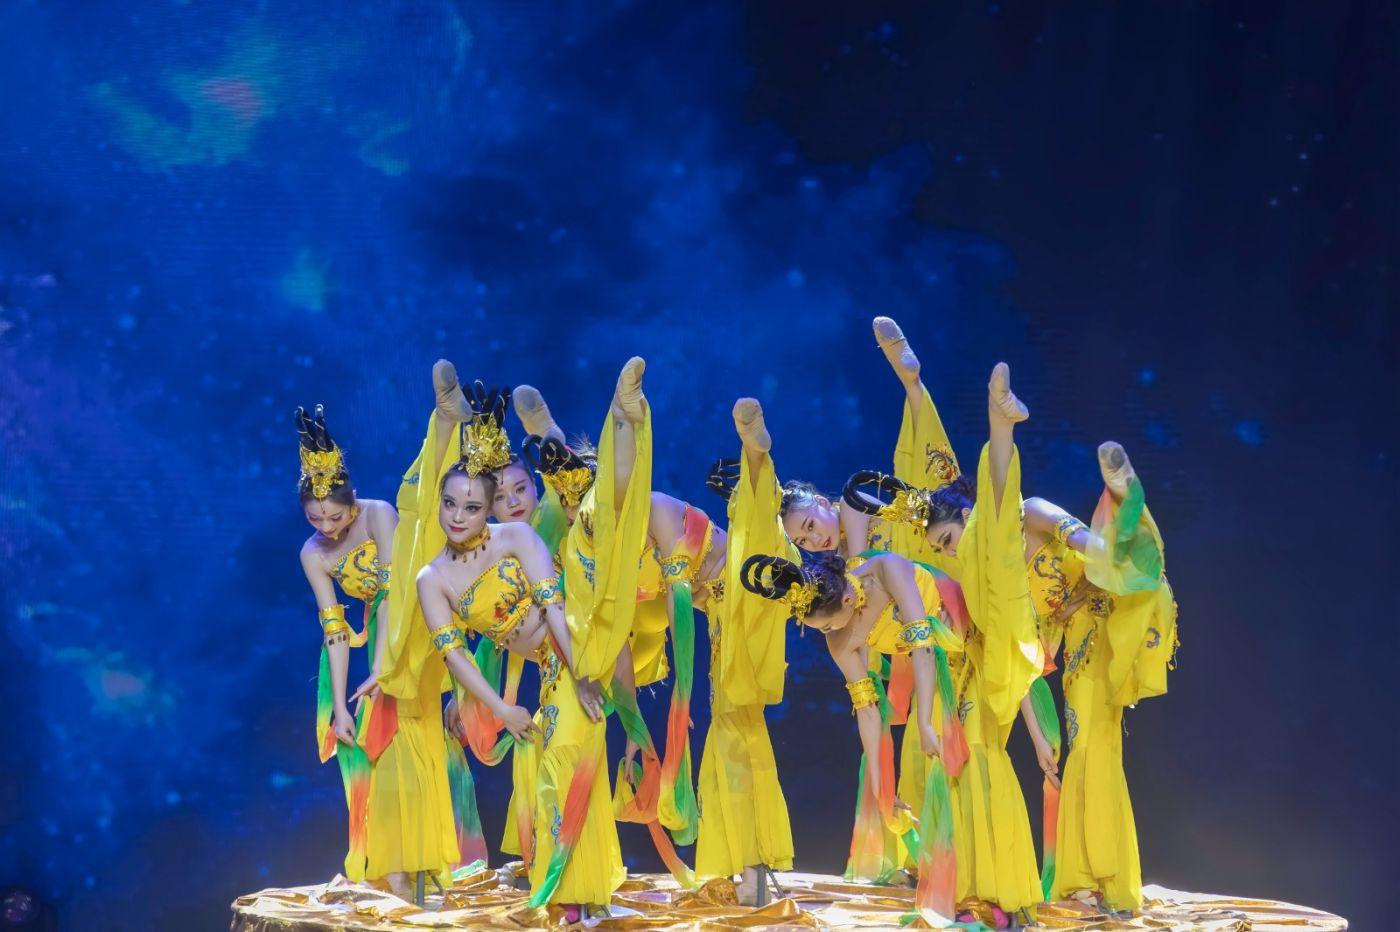 沂蒙大地上 有一种舞蹈叫飞天 这是几位临沂女孩的杰作 美轮美奂 ..._图1-29